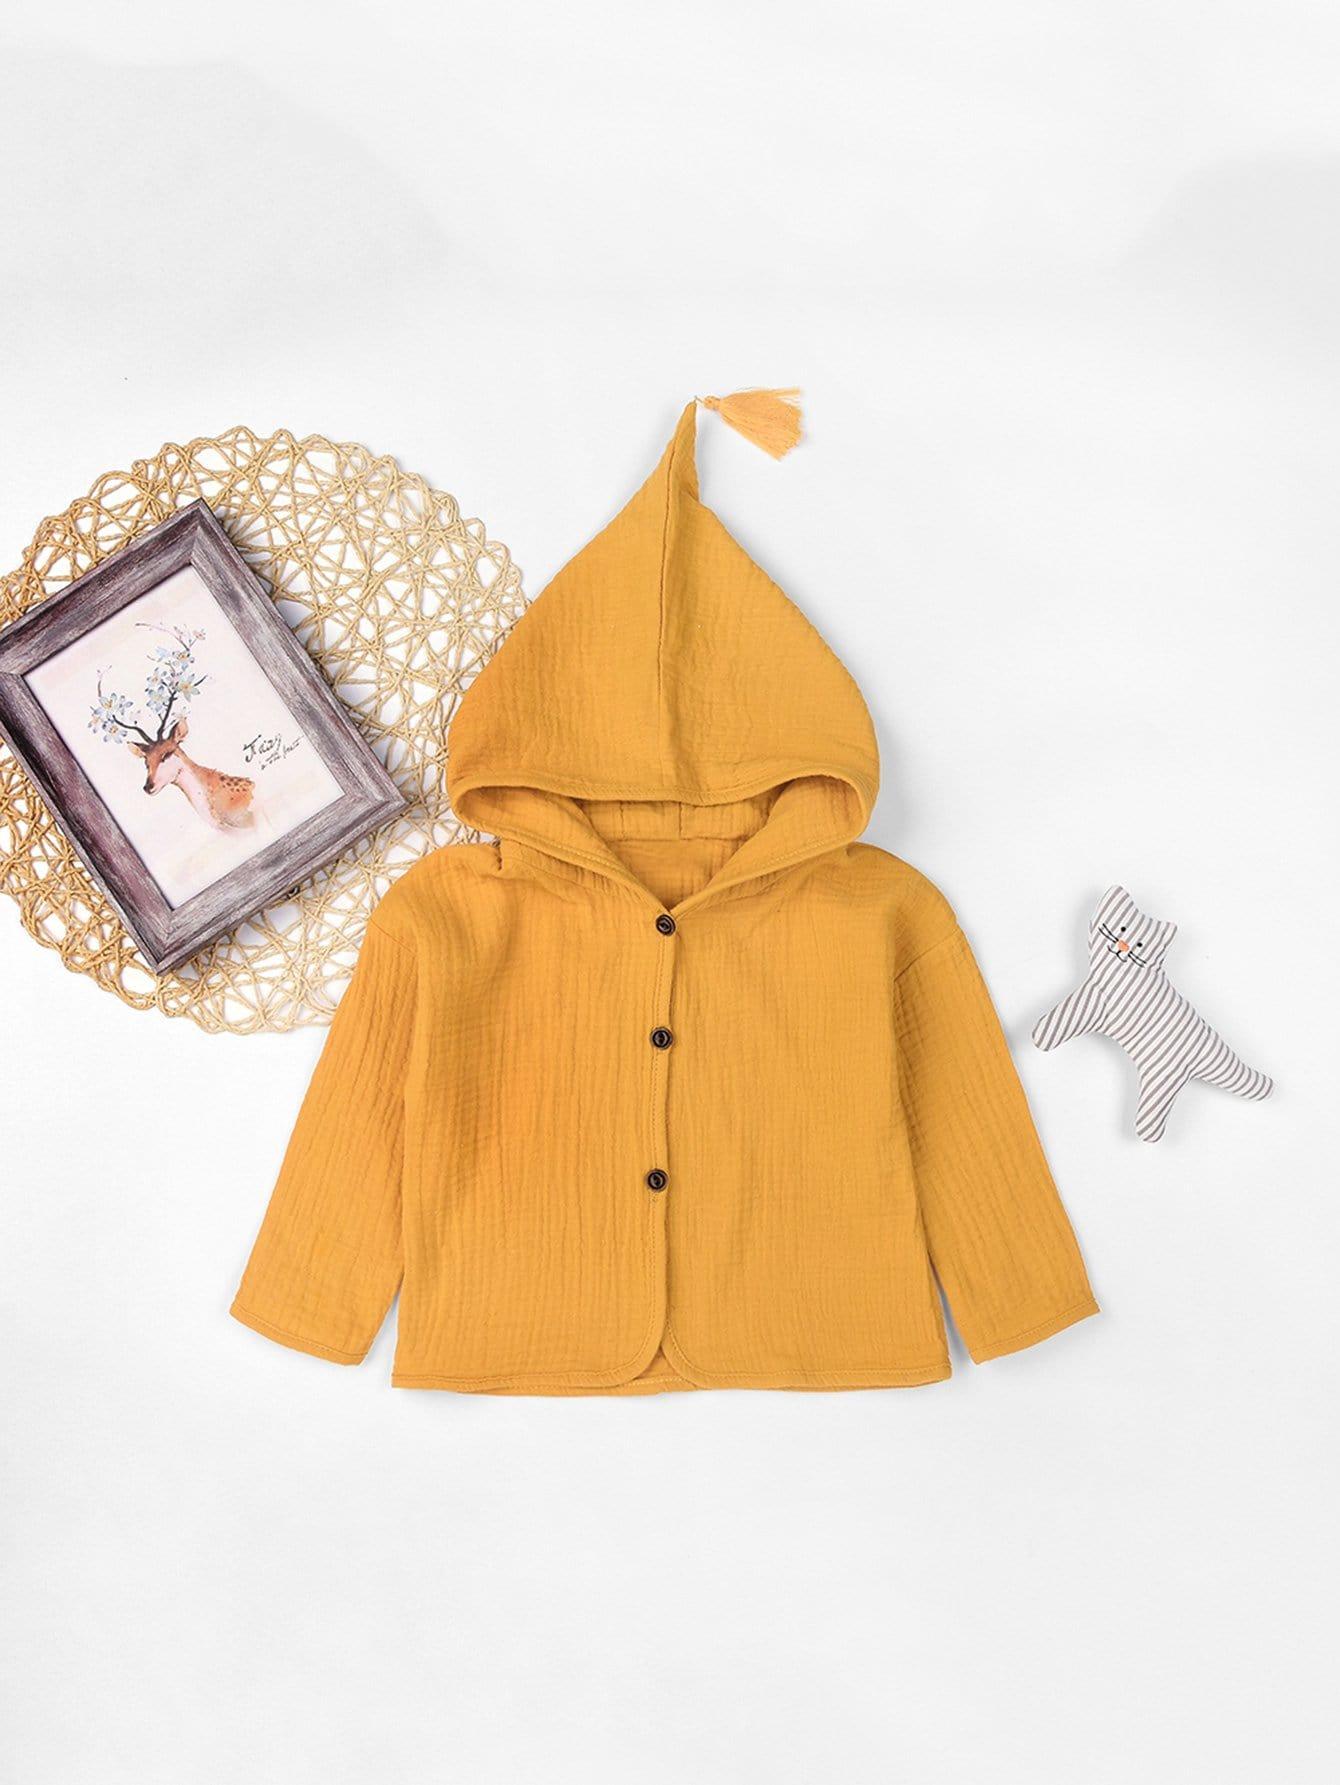 Купить Одноцветный на пуговицах Желтый Жакеты и пальто для девочек, null, SheIn